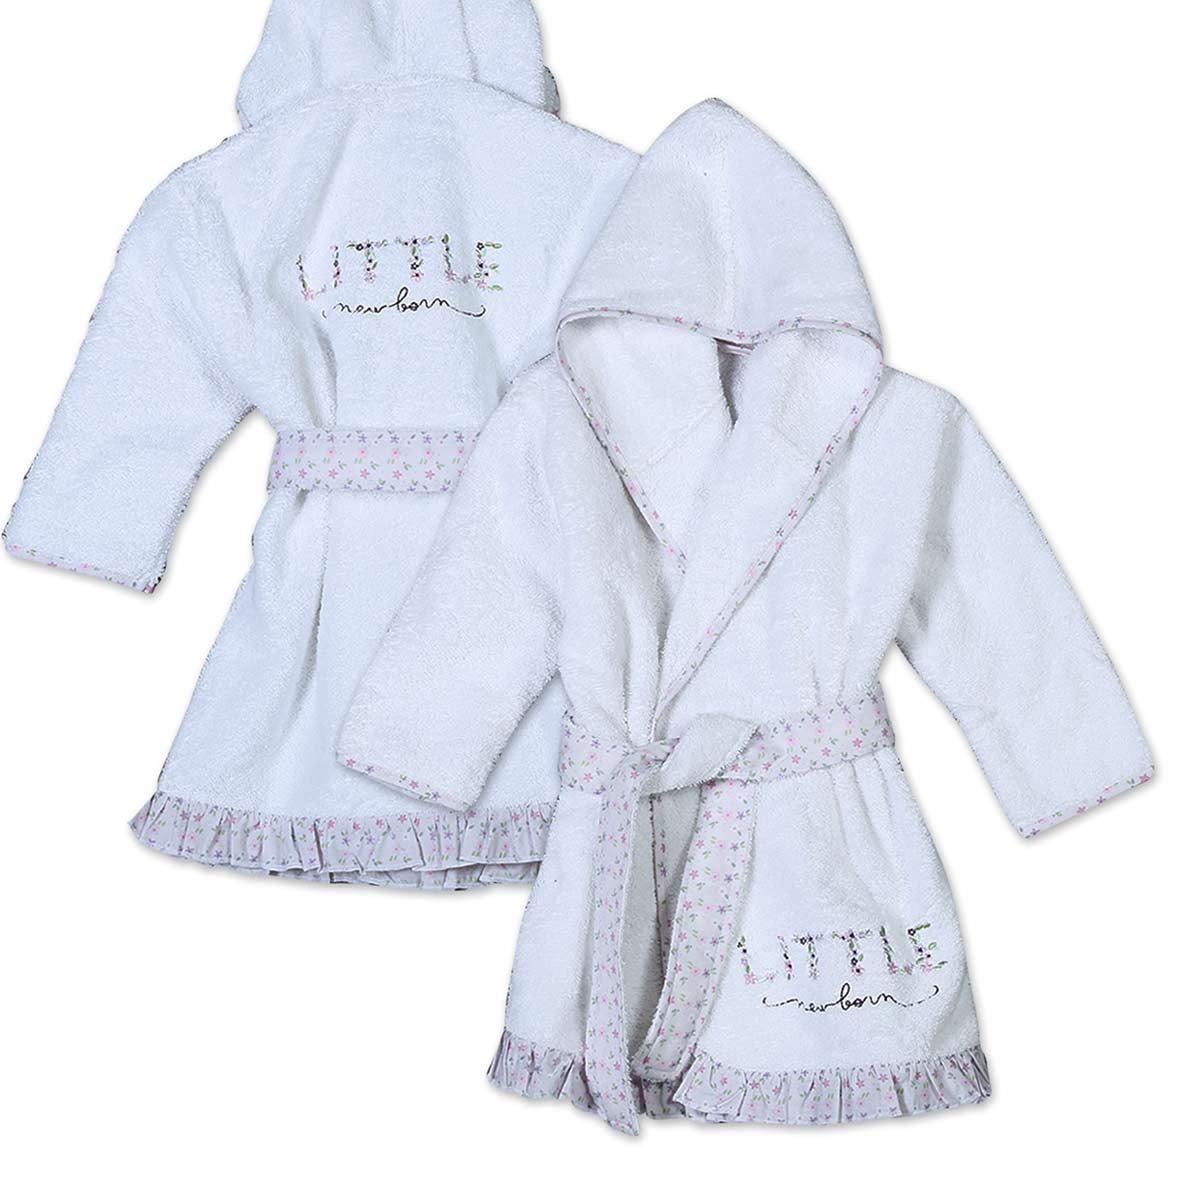 Βρεφικό Μπουρνούζι Nef-Nef Baby Little New Born Νο2 Νο2